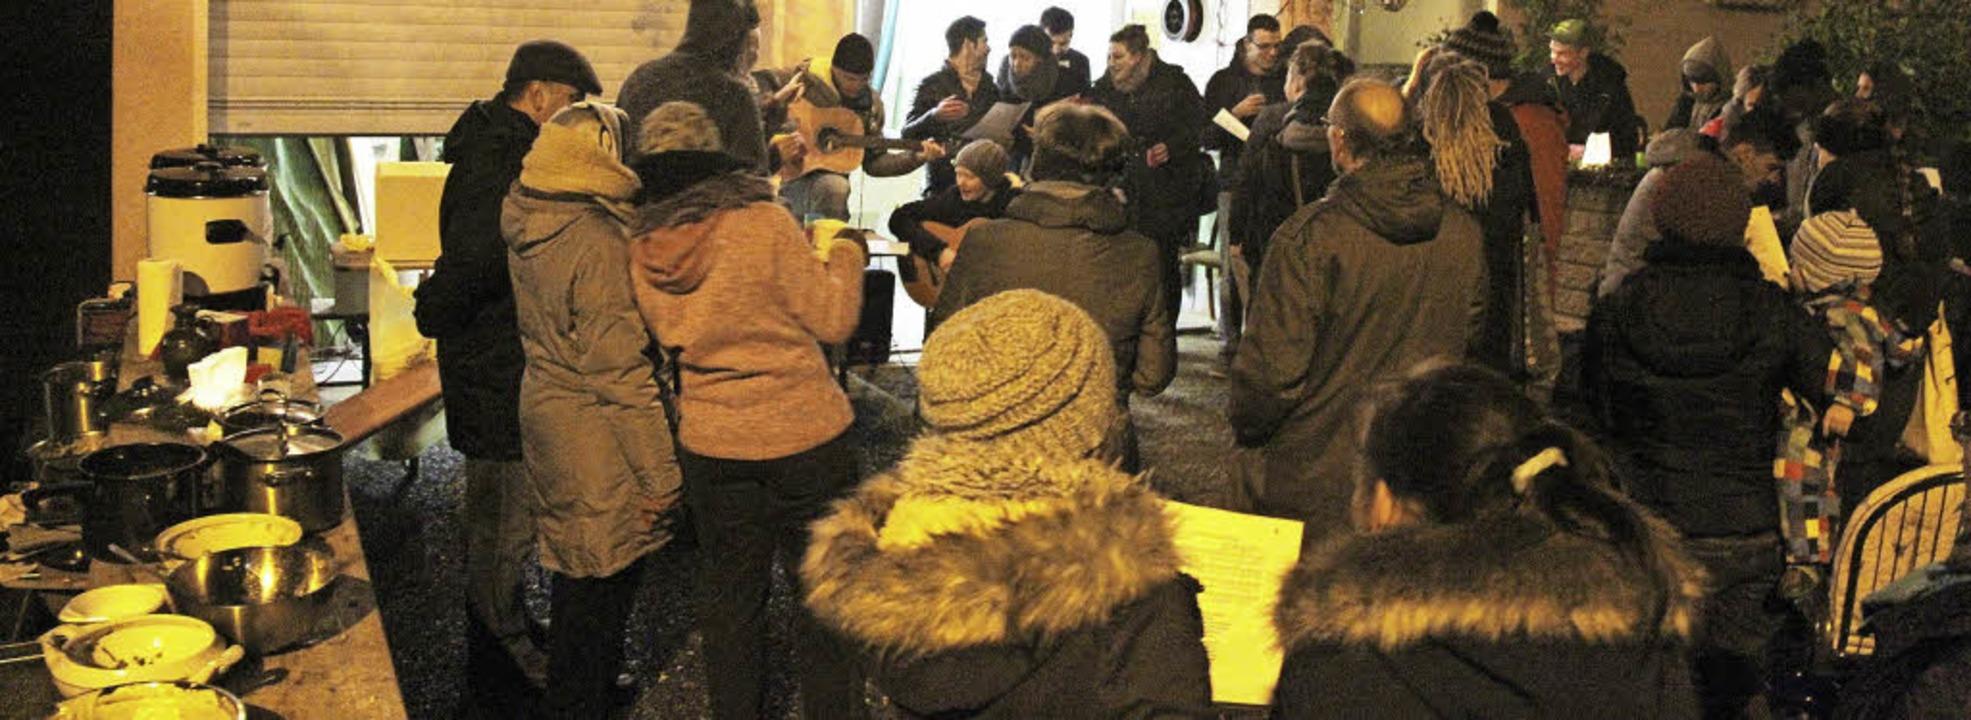 Mit Liedern, Essen und Gesprächen kame...m begehbaren Adventskalender zusammen.  | Foto: horst david